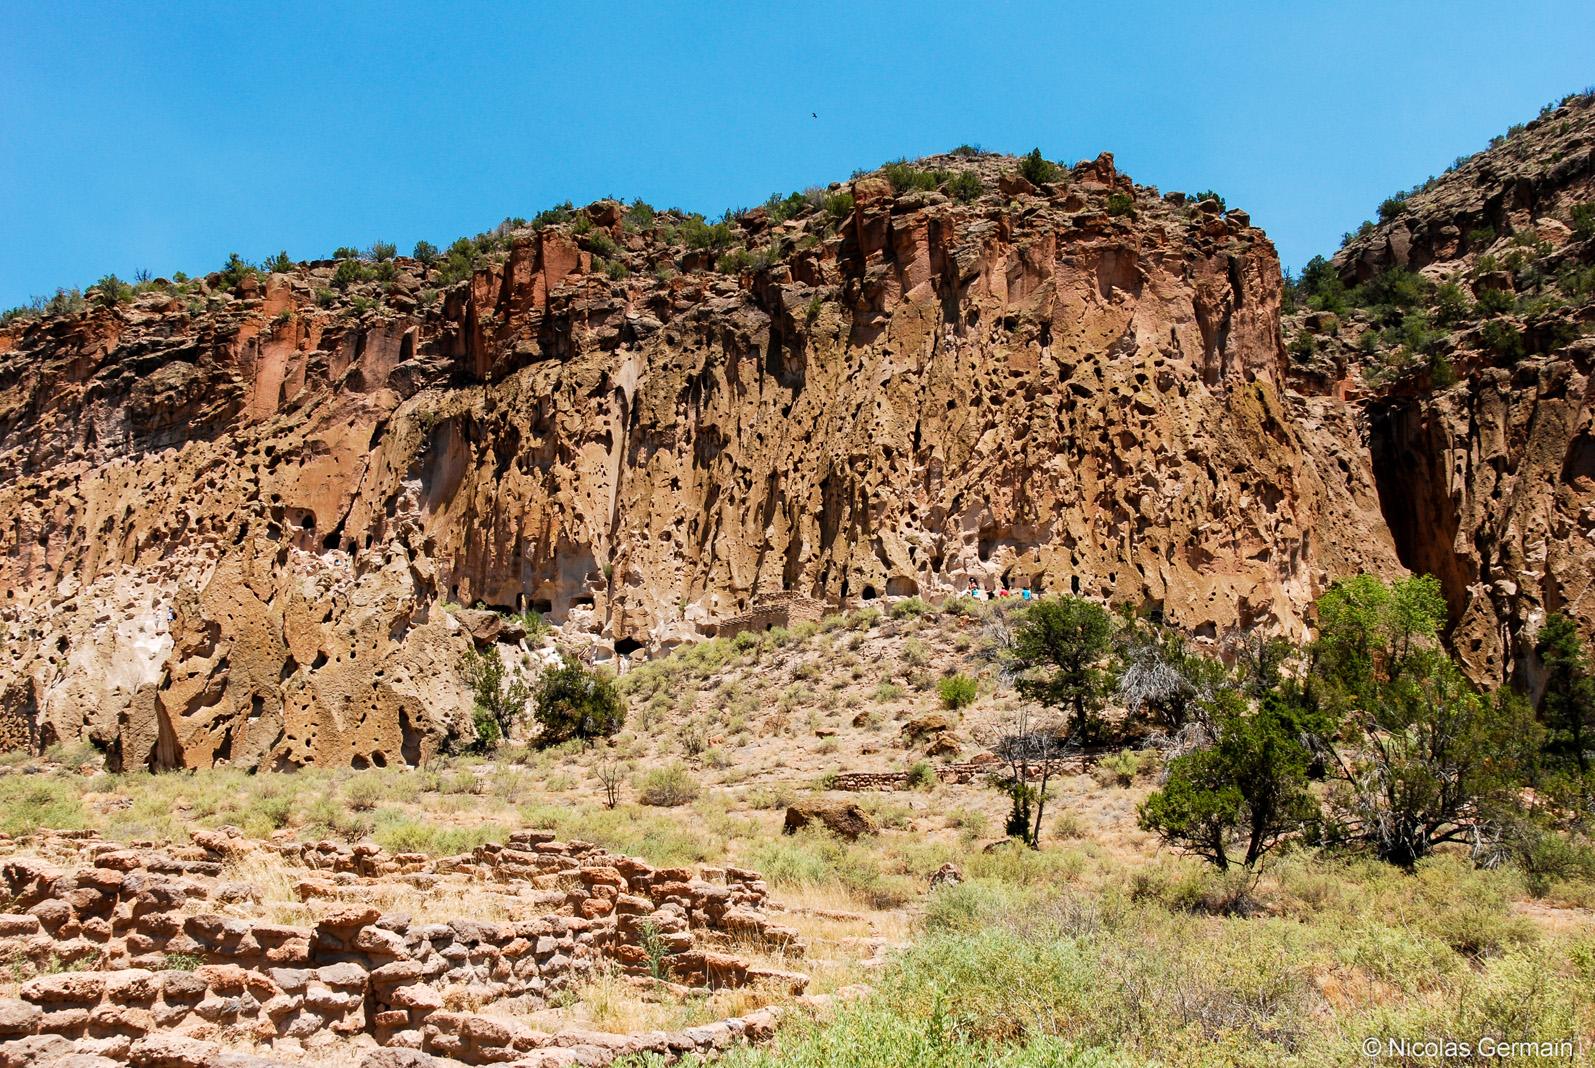 Un bout de Tyuonyi au premier plan et les ruines restaurées de Talus Houses dans Bandelier National Monument, Nouveau-Mexique